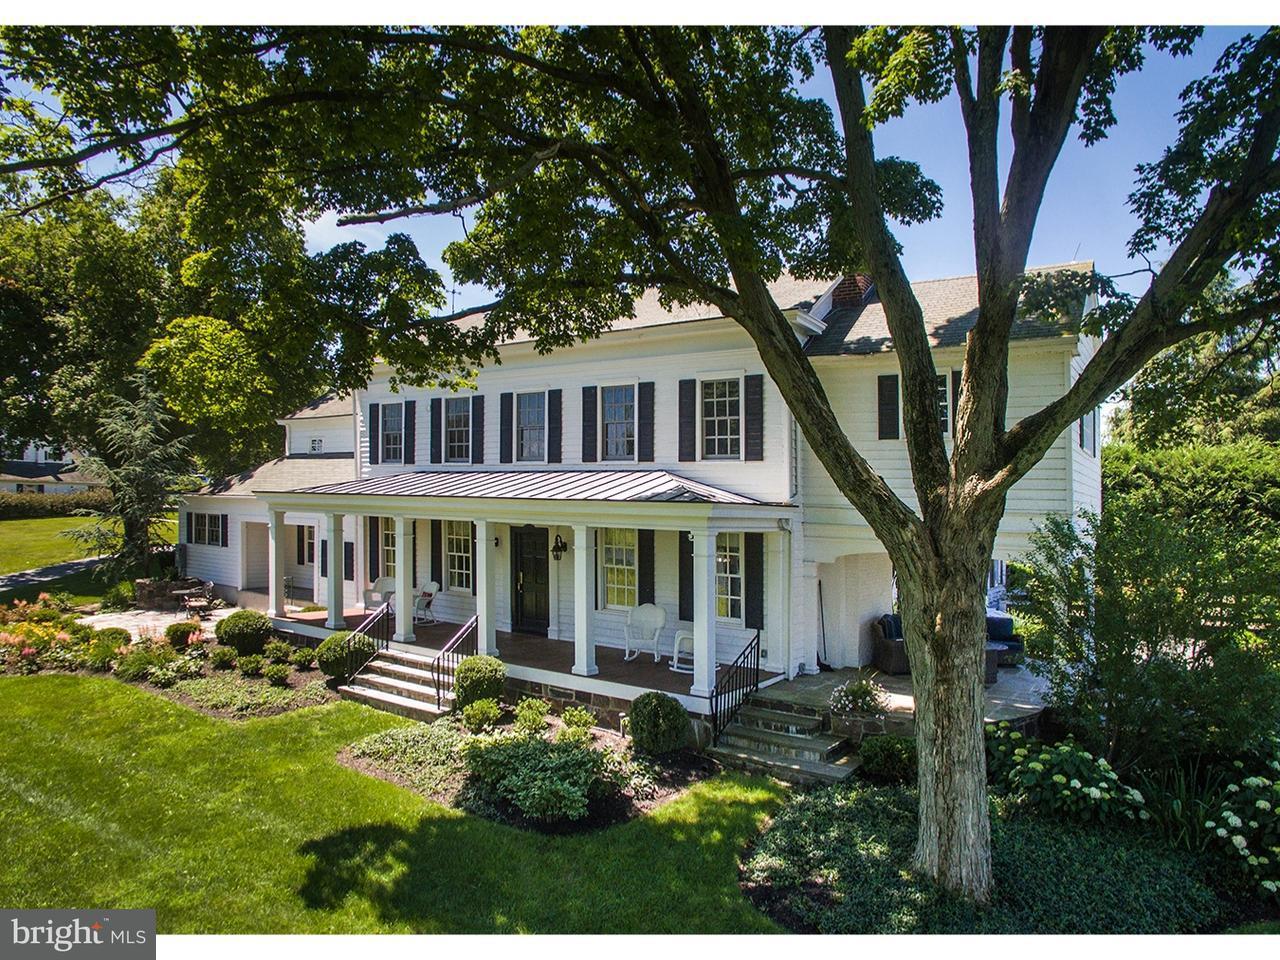 Casa Unifamiliar por un Venta en 28 LINDBERGH Road Ringoes, Nueva Jersey 08551 Estados UnidosEn/Alrededor: East Amwell Township